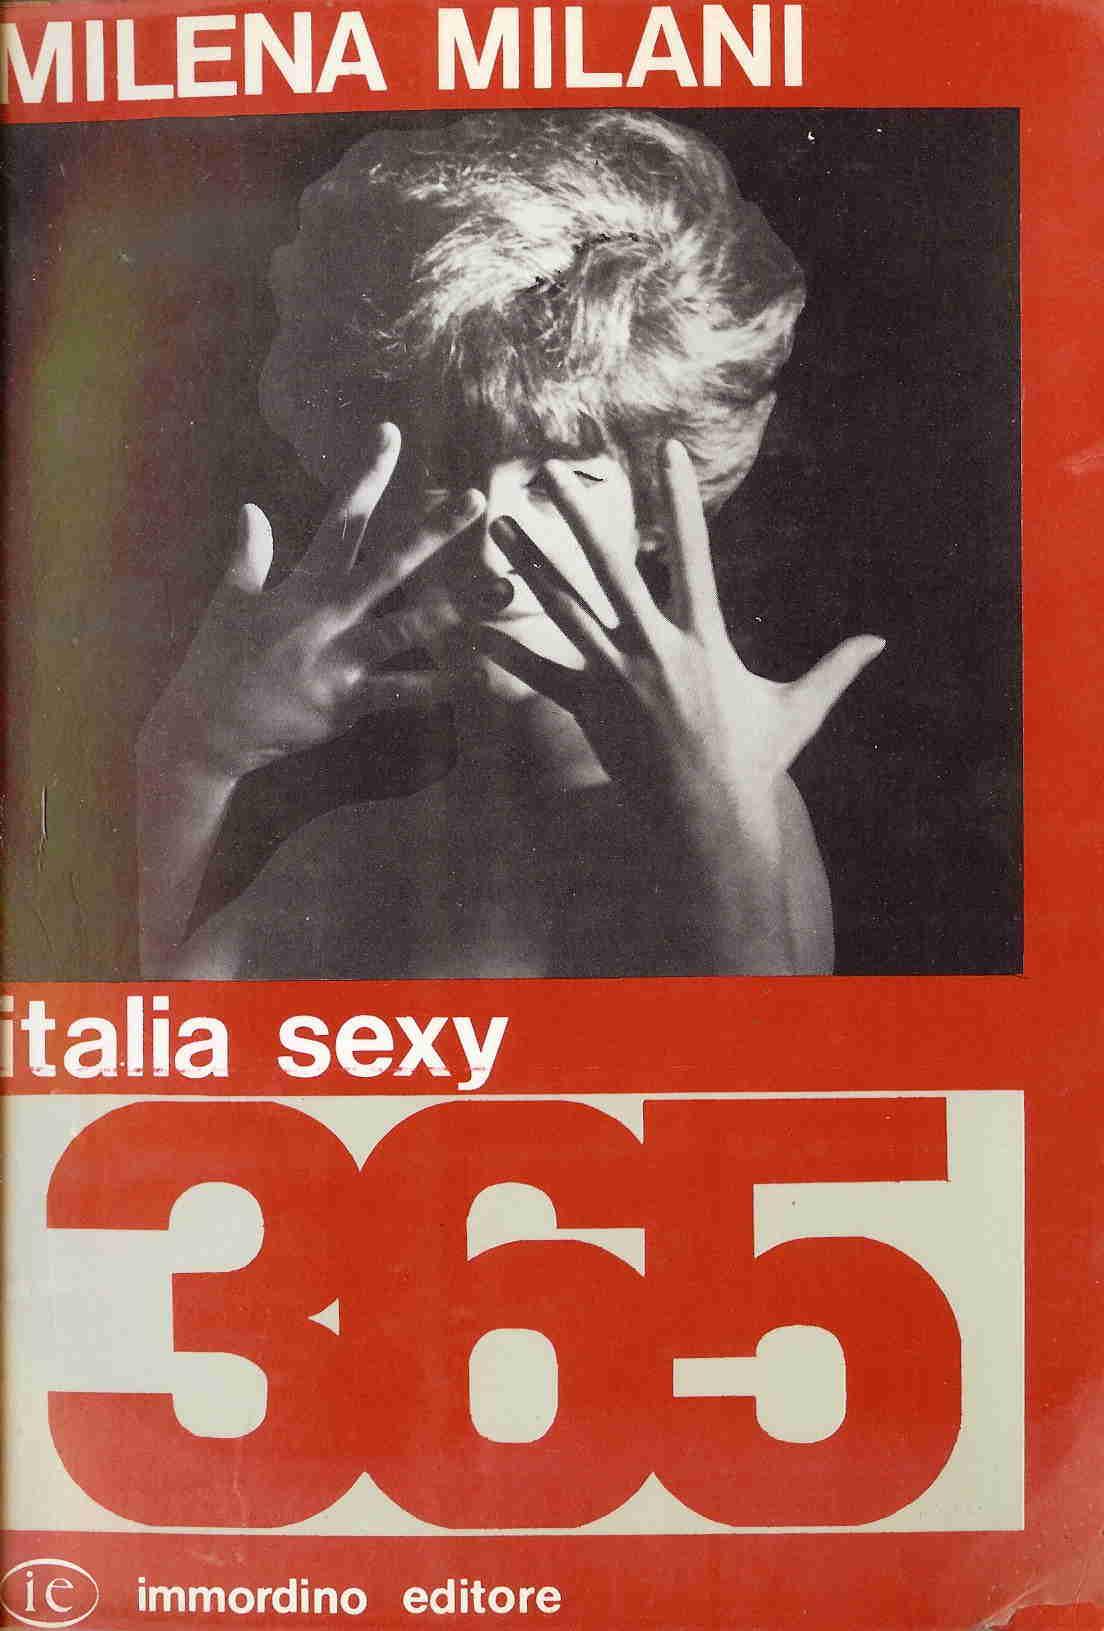 Italia sexy